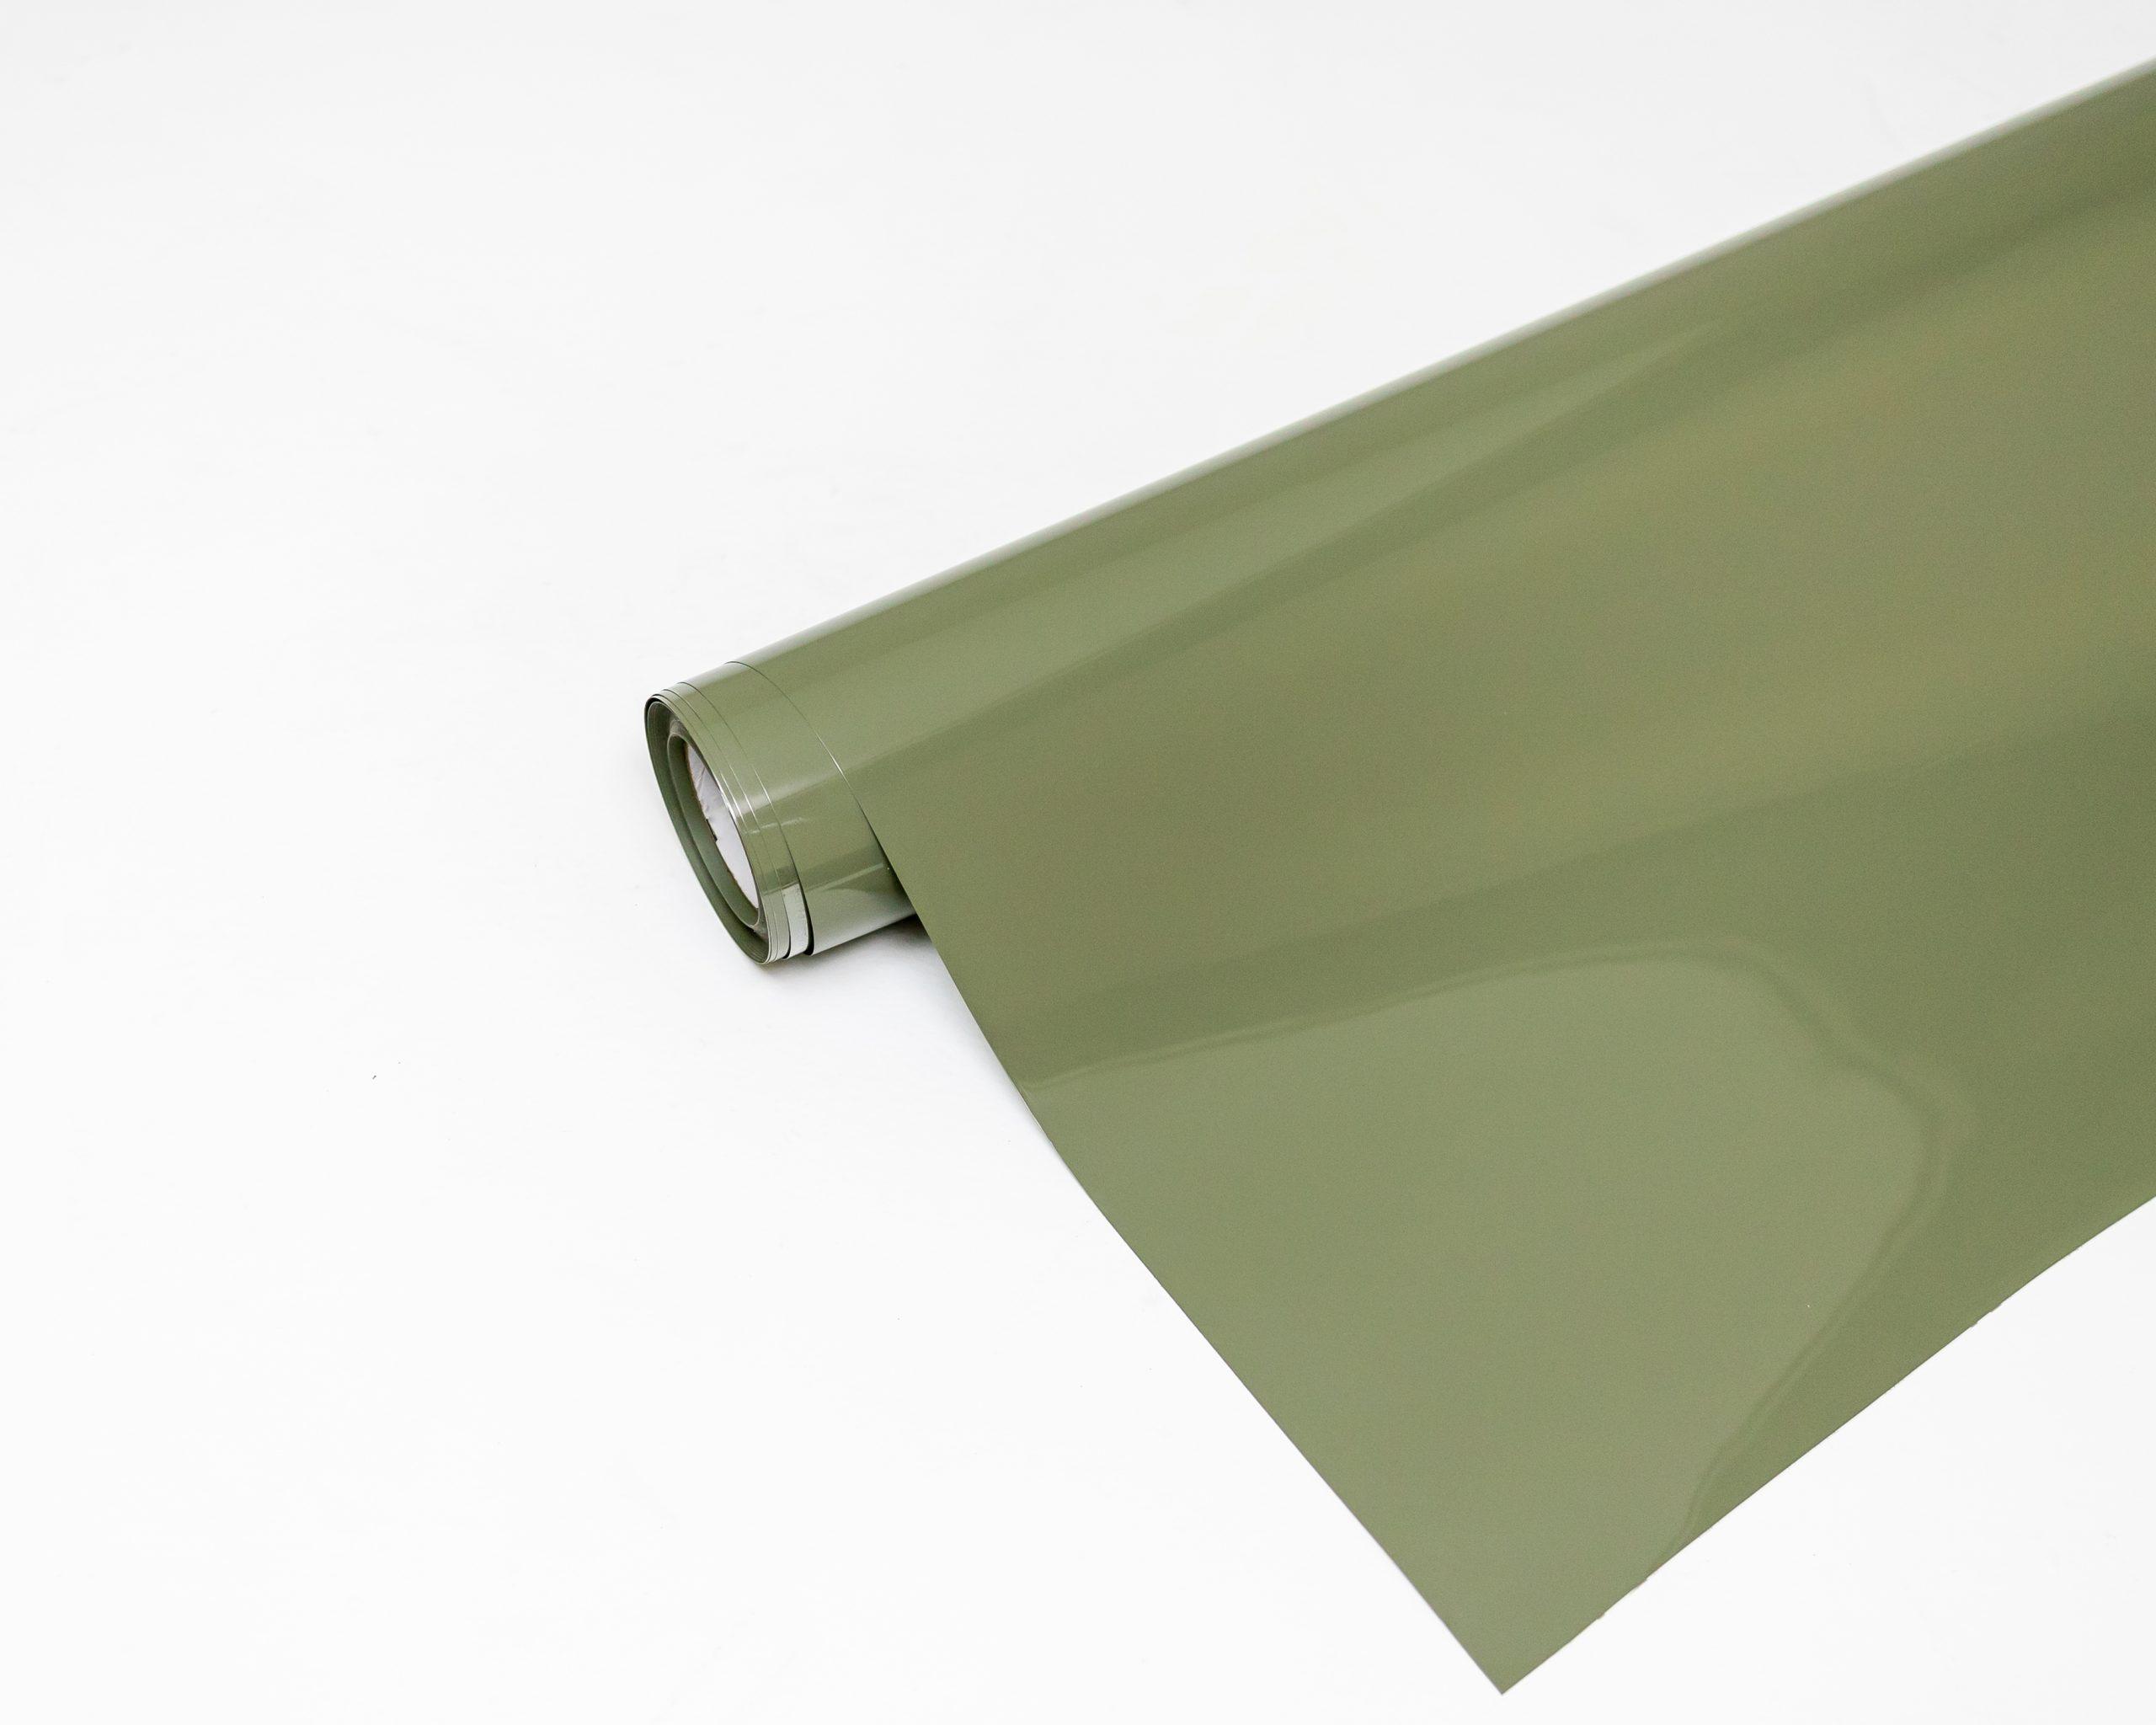 Inozetek - Super Gloss Khaki Green 1.52 x 20